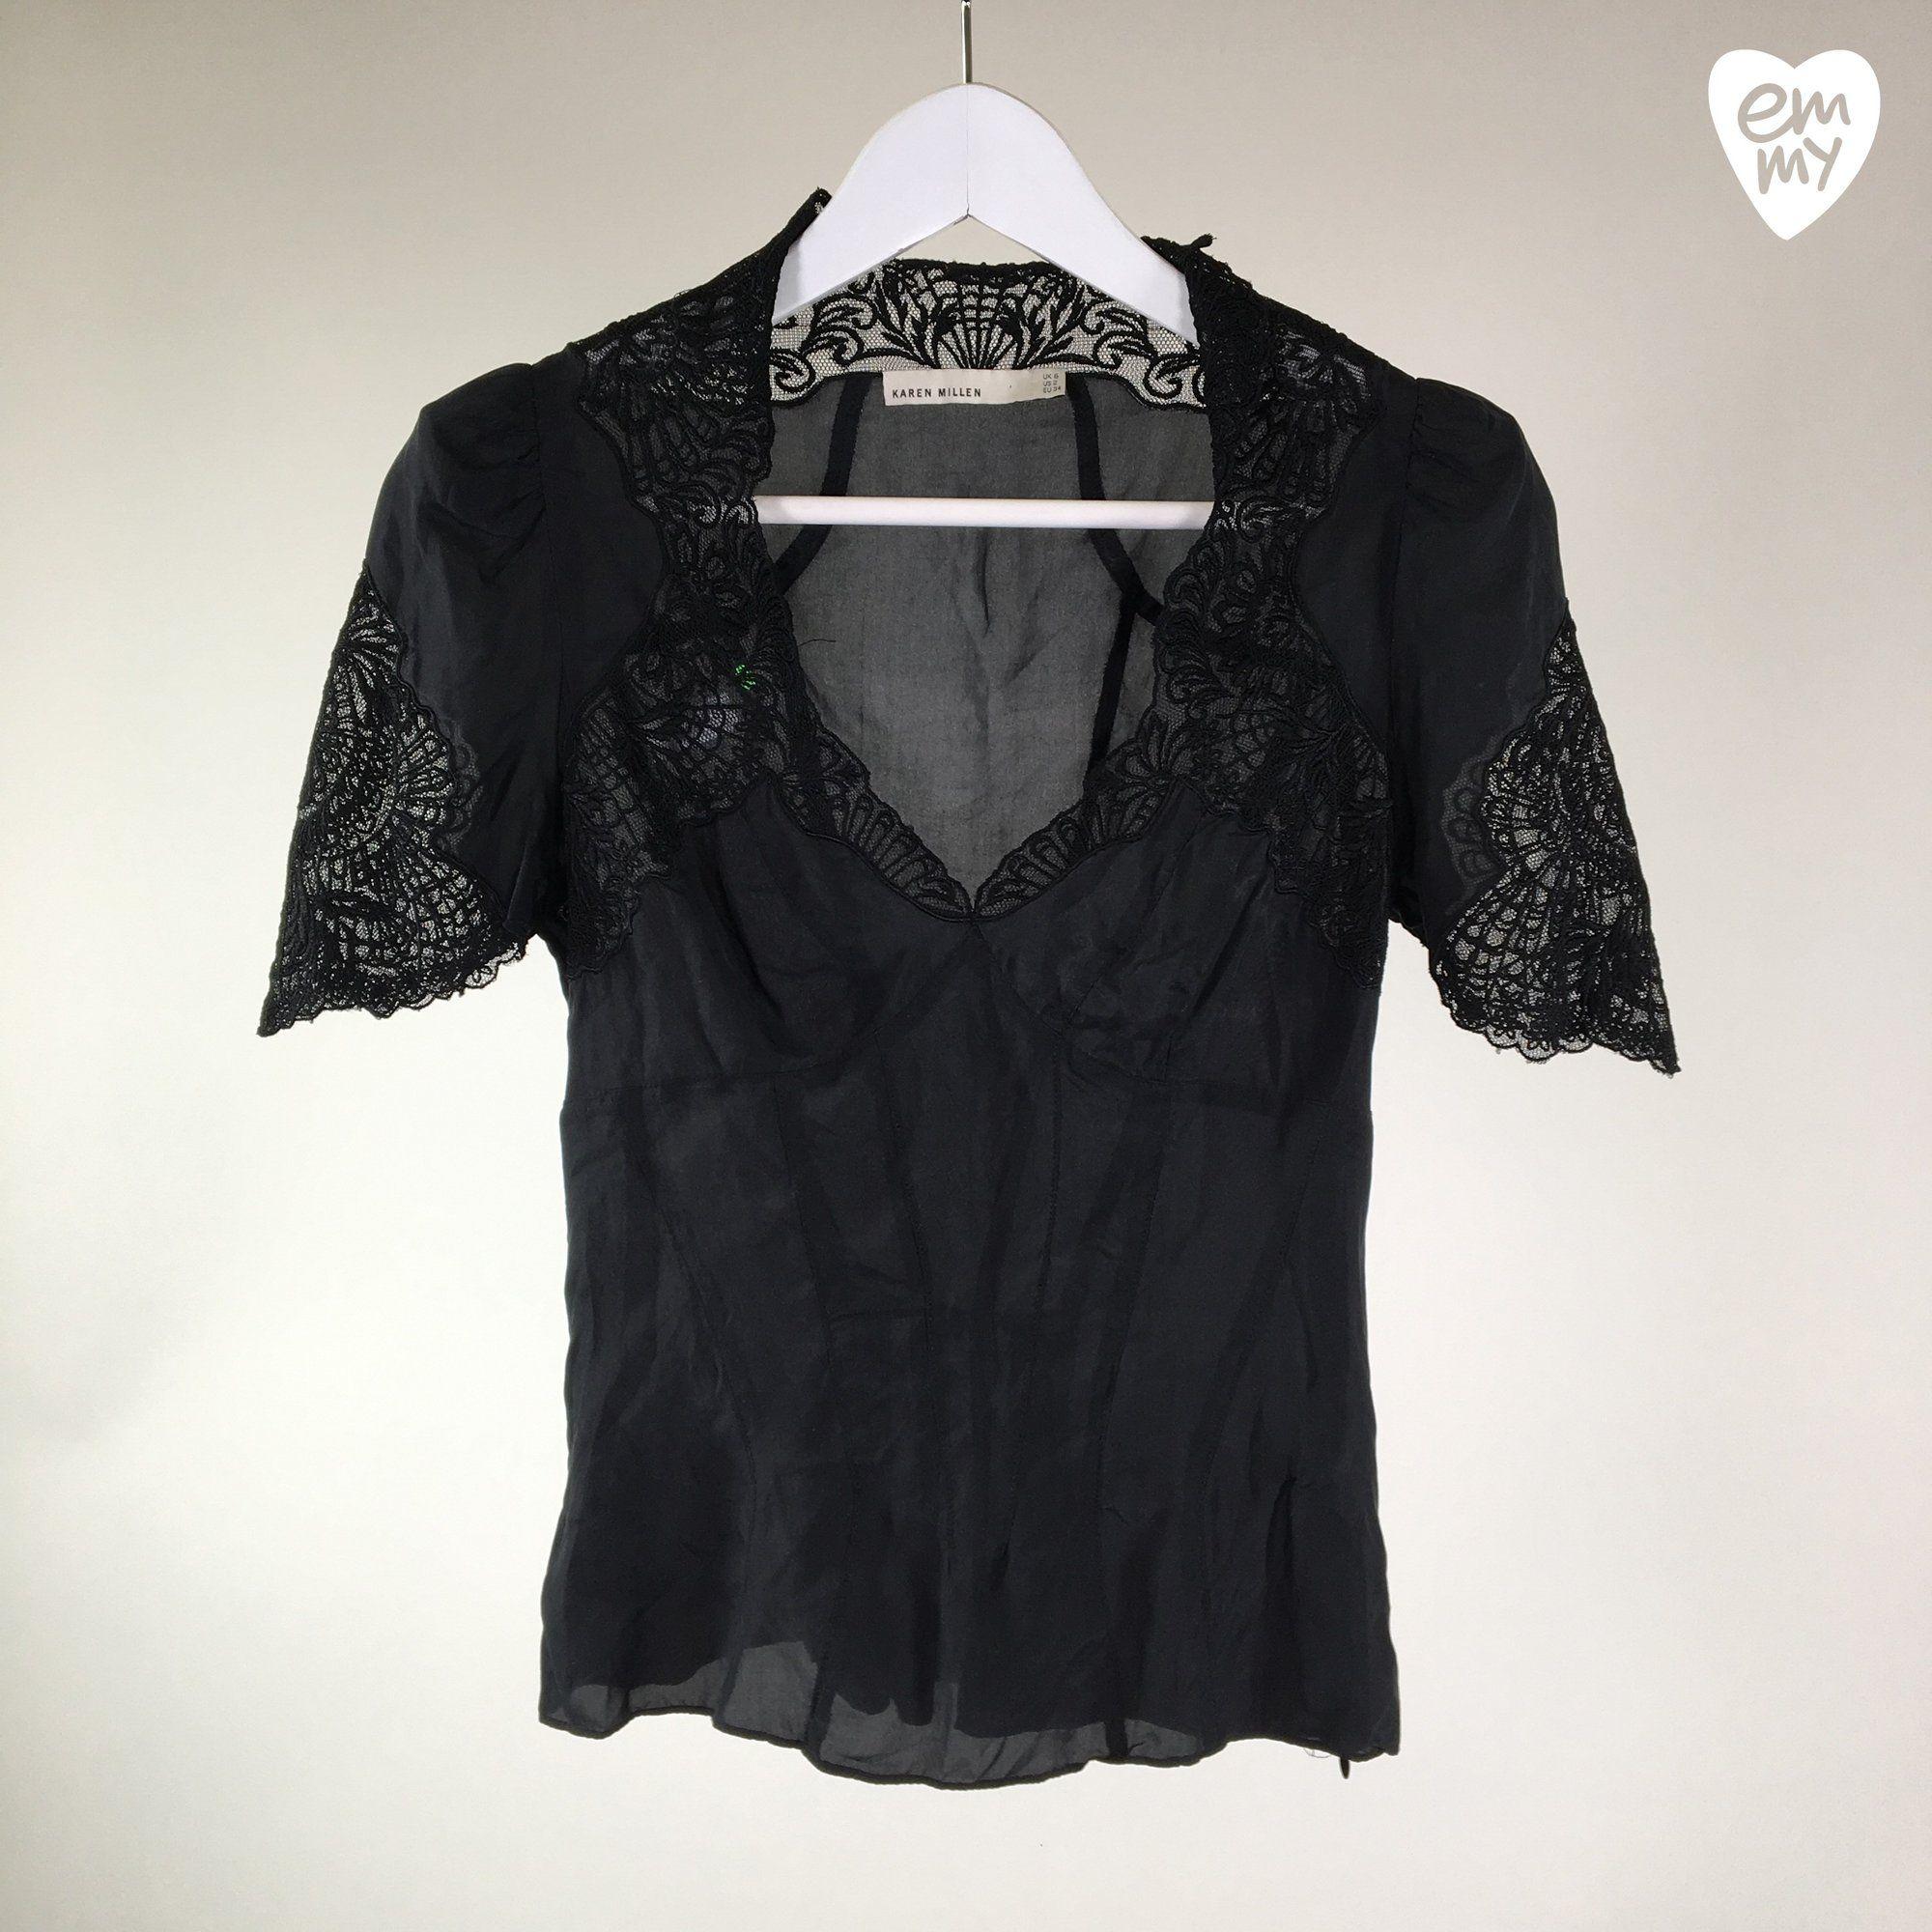 Karen Millen T-paita – Koko 34 (Naiset) – Kunto hyvä – (34.90 ... d7ea670f82